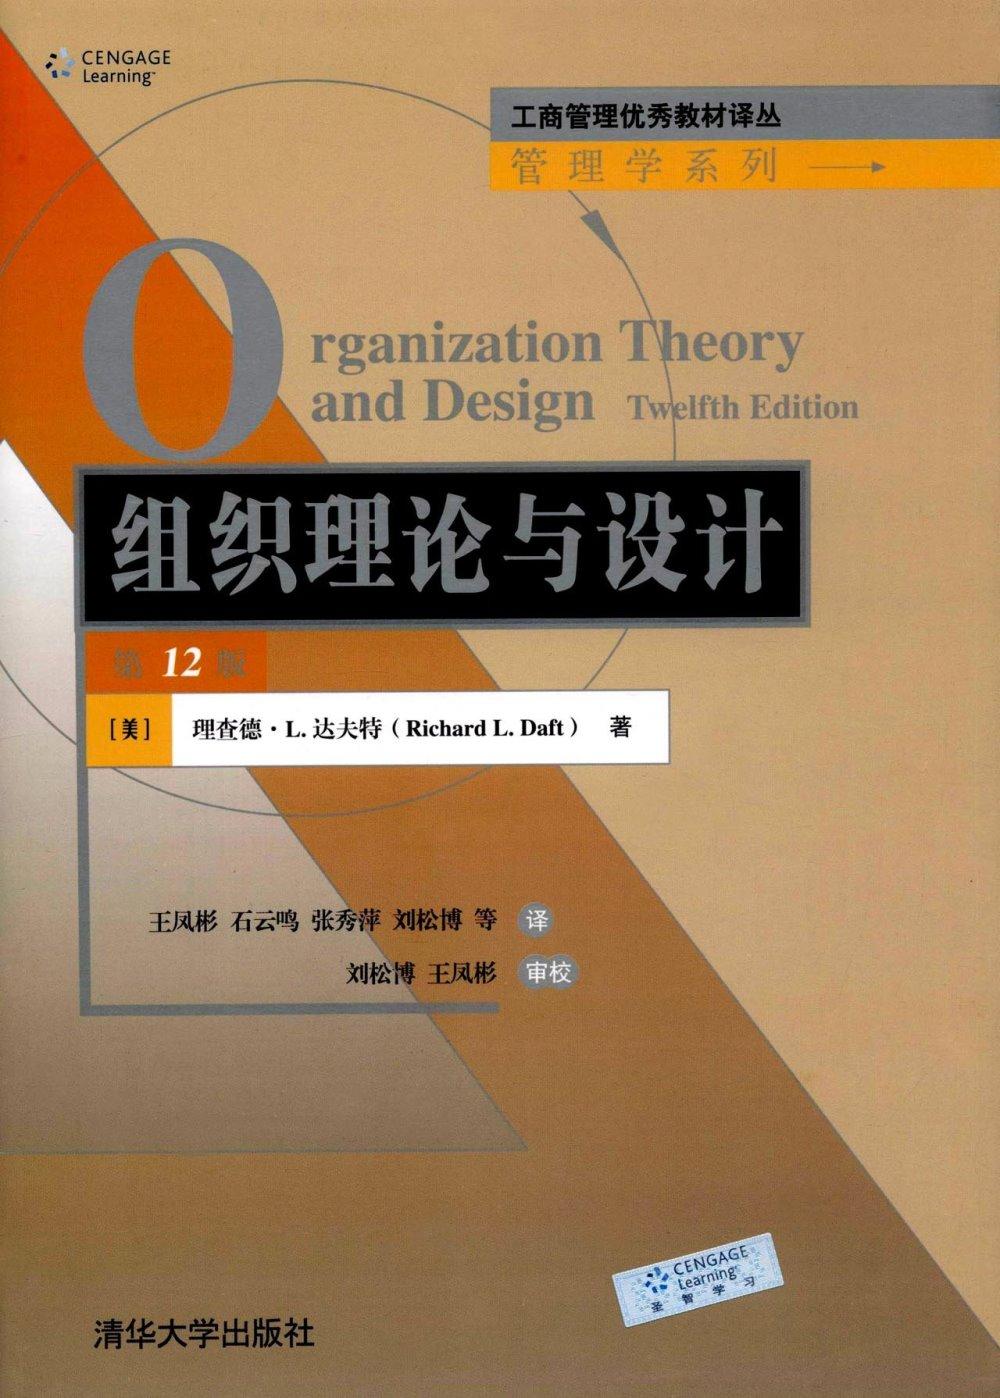 組織理論與設計(第12版)